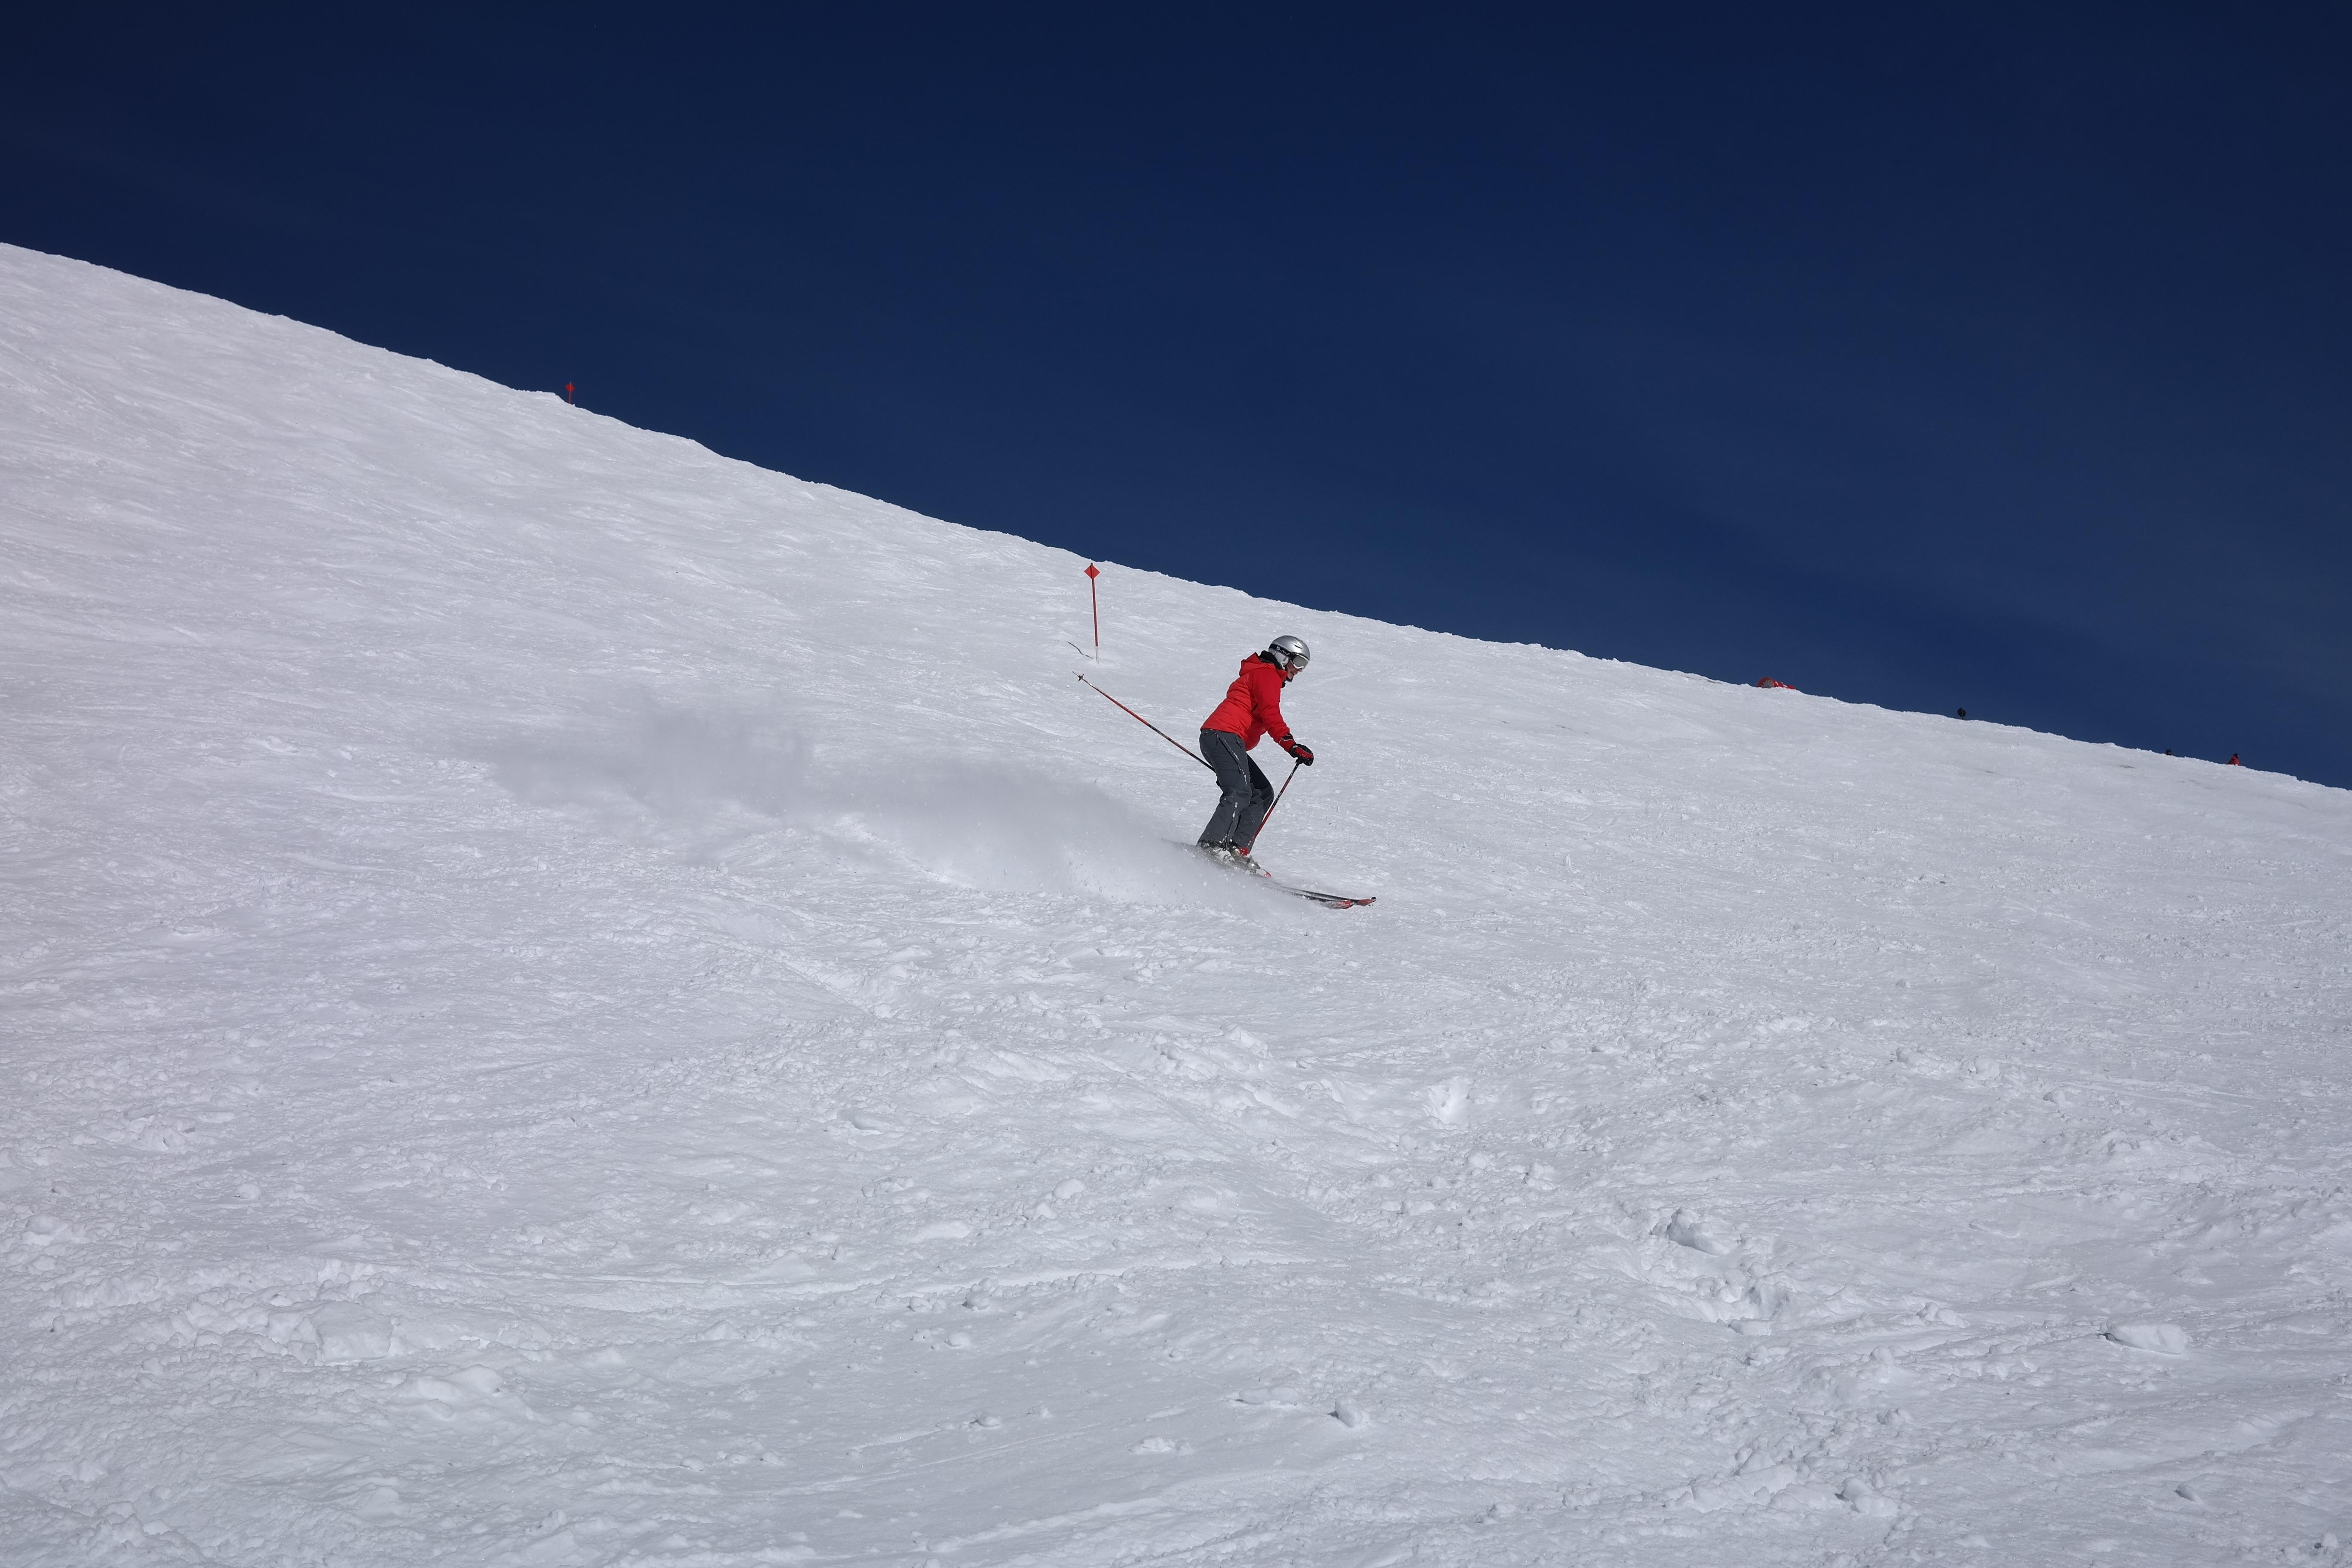 самых лыжник на горе фото некоторых квартирах есть